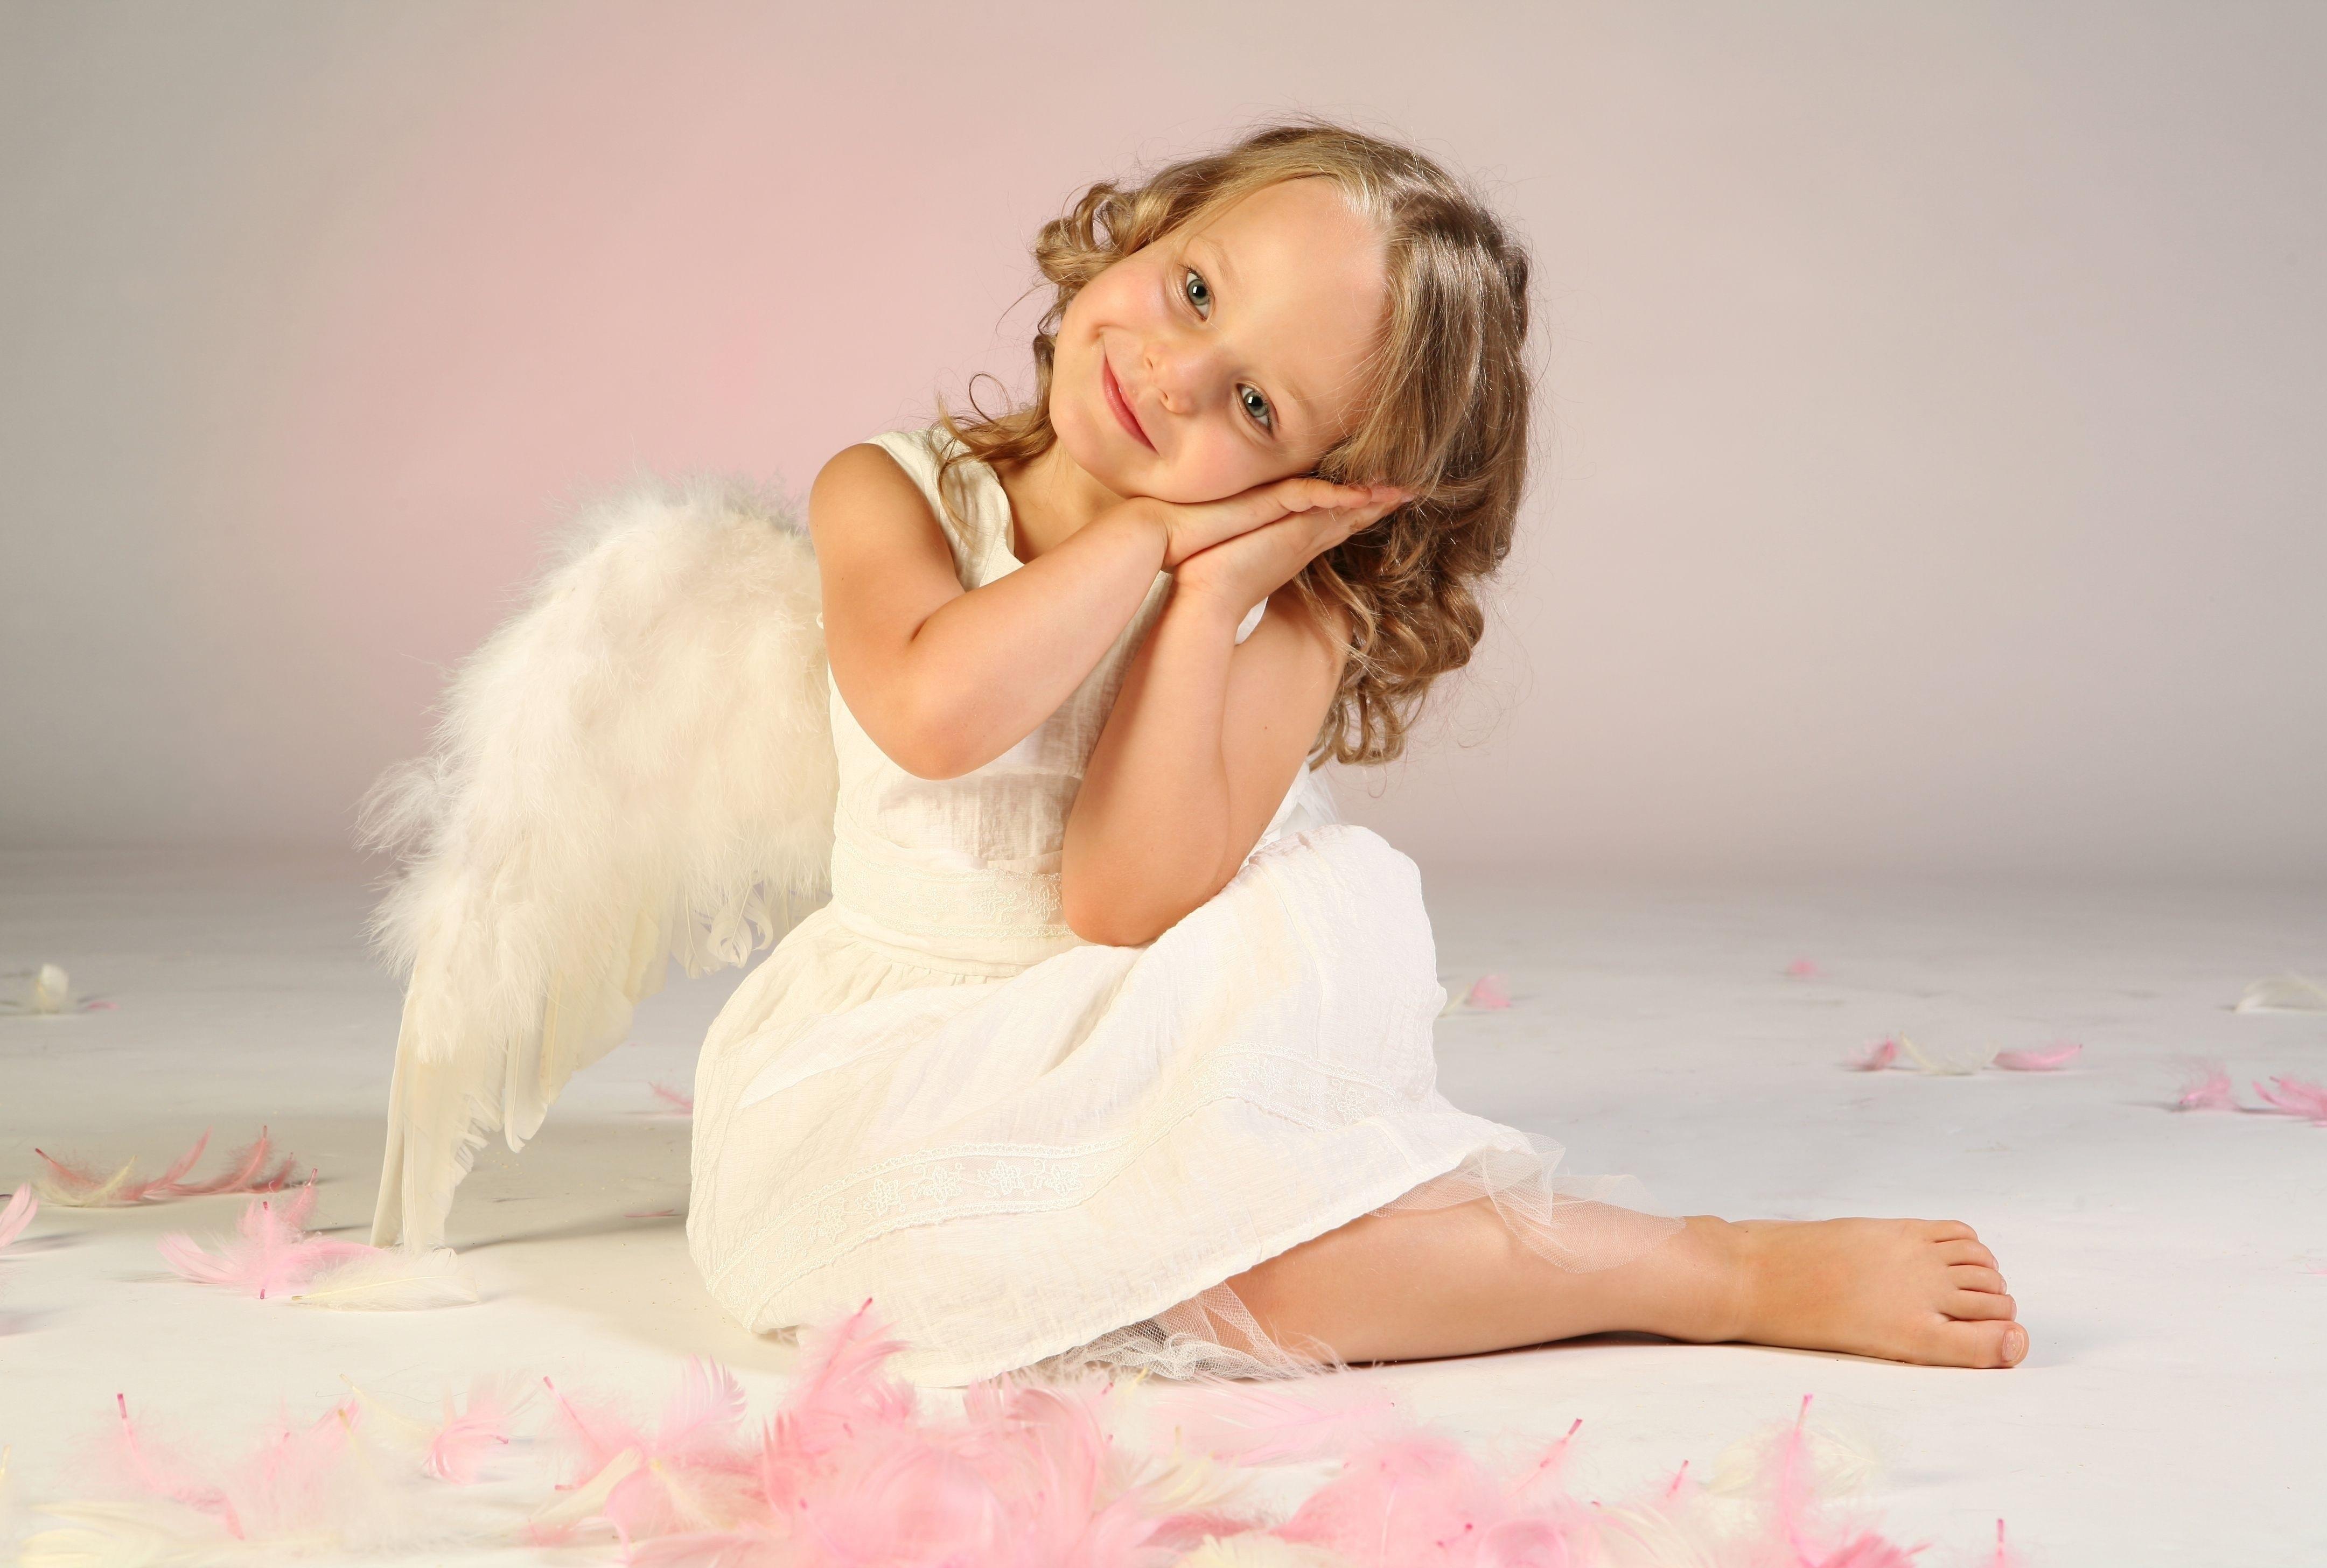 поражении фото ангелочка с крыльями запросу лопатка